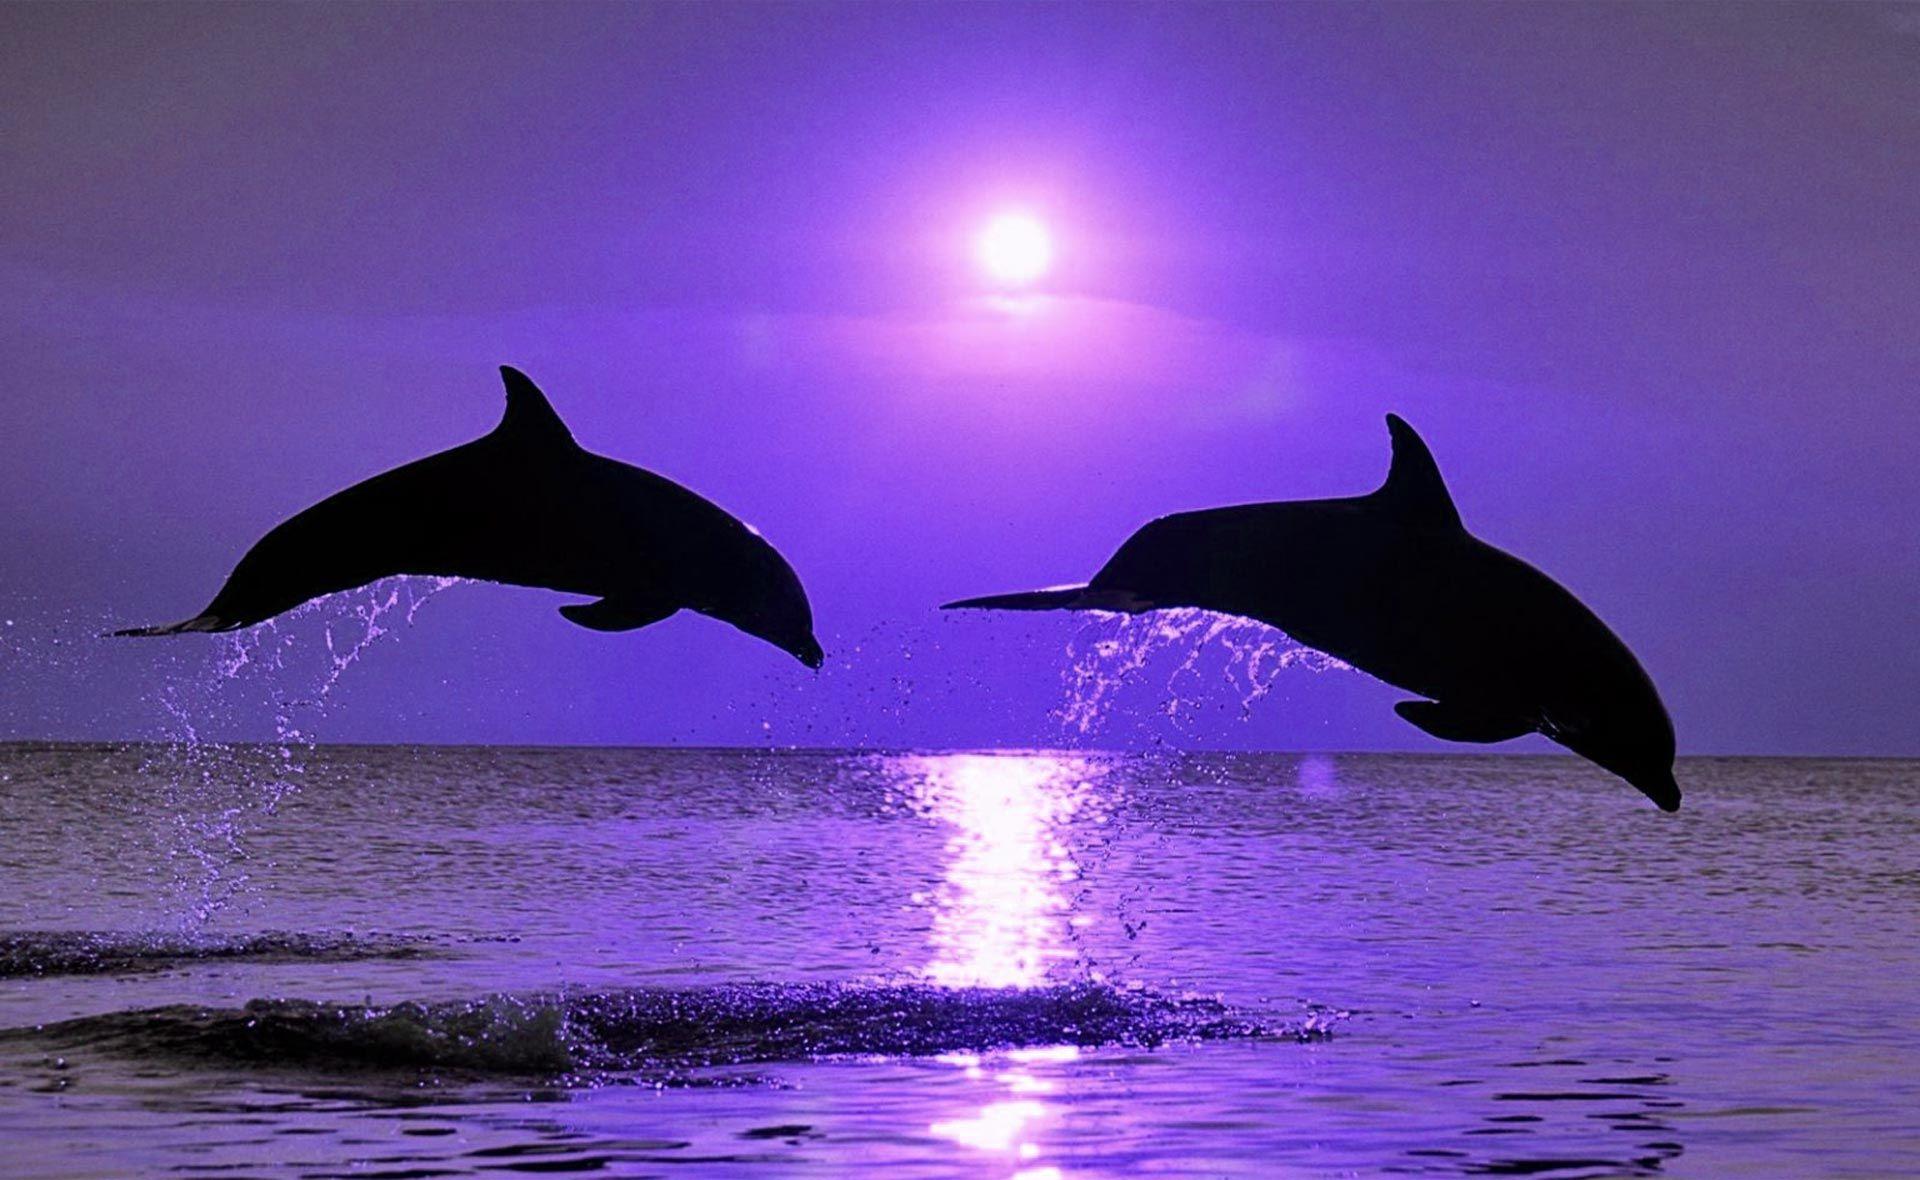 Fondos De Pantalla Grandes: Fondo Escritorio Delfines Saltando